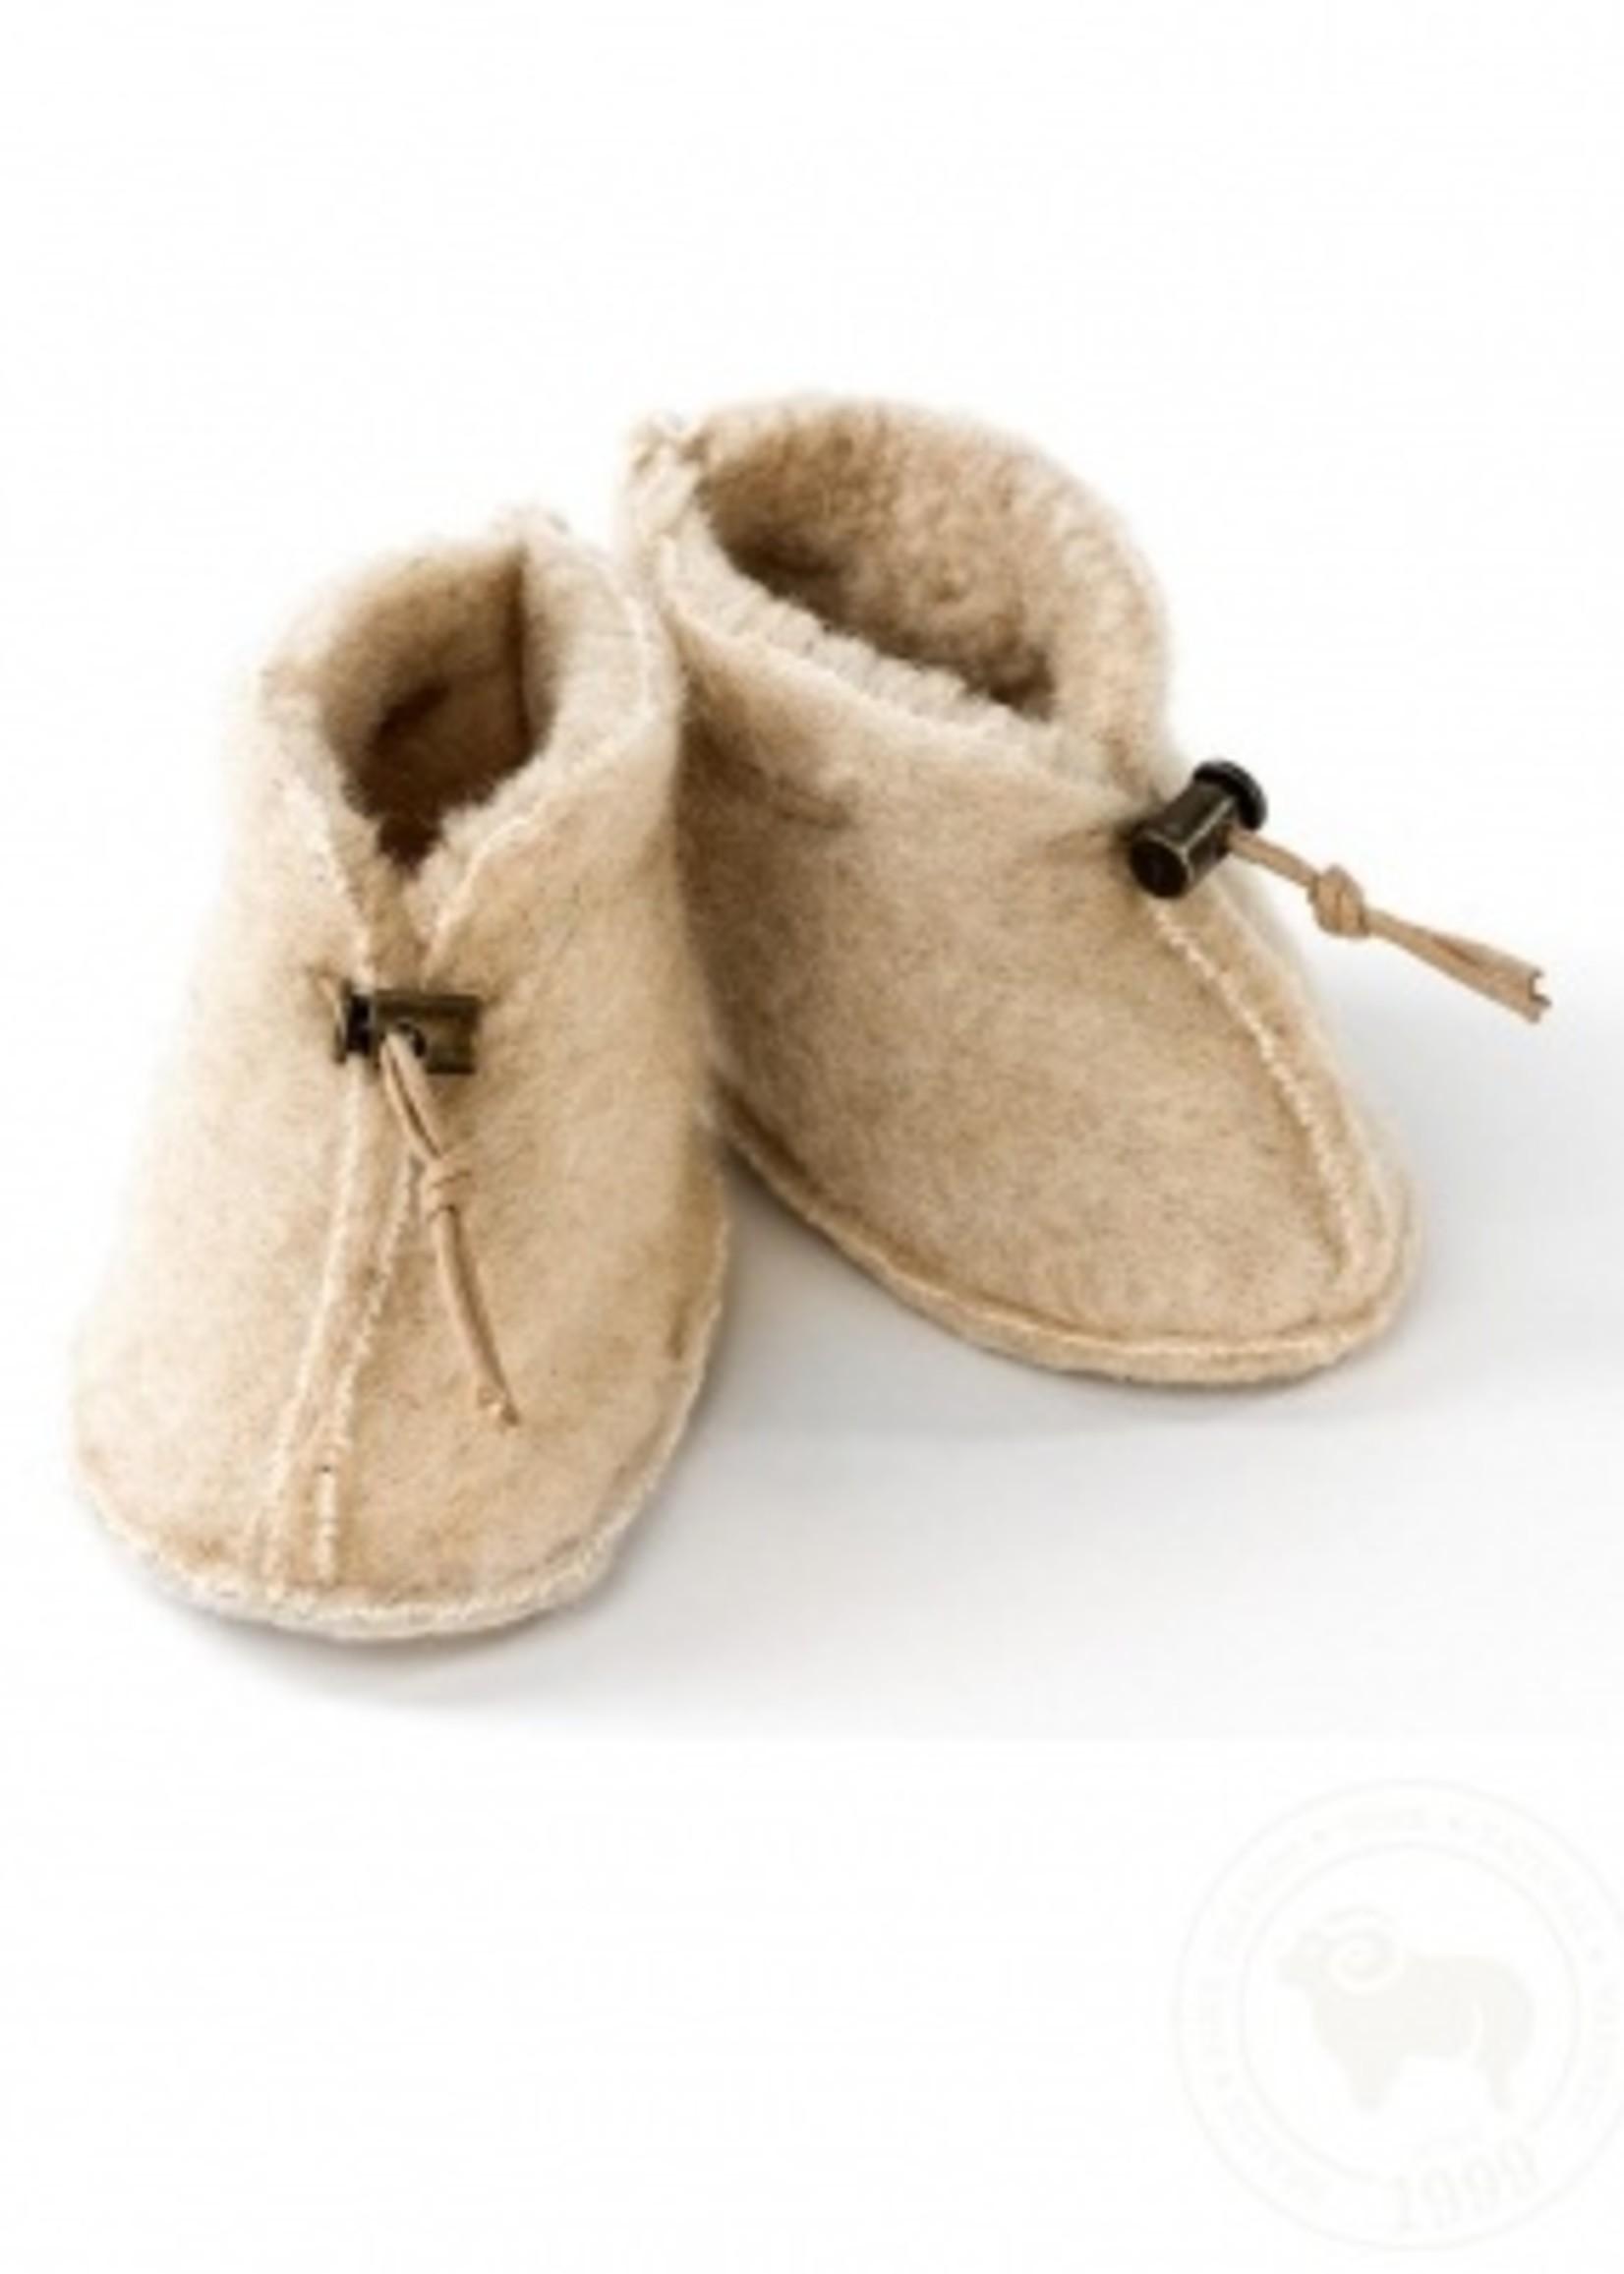 Alwero Babyslofjes 100% emowol - Beige